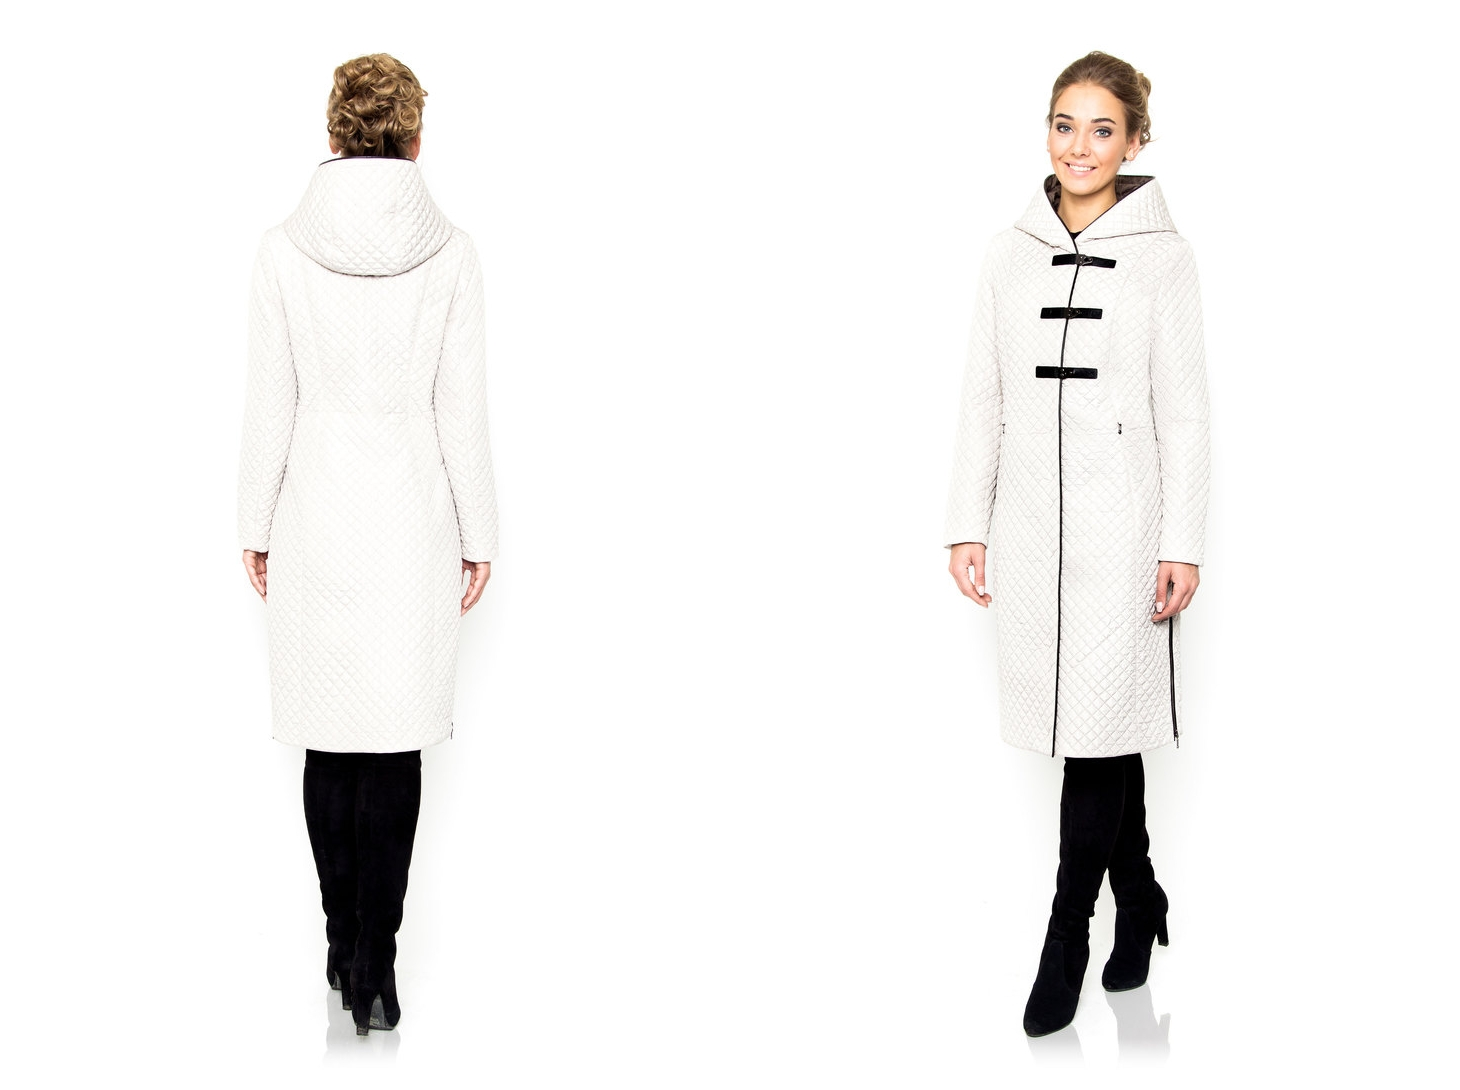 Экспресс-Сбор заказов Распродажа до 60 %. Пухи, куртки, ветровки, плащи для женщин и мужчин от производителя. Есть большие размеры, модельки очень красивые и качественные - 2..